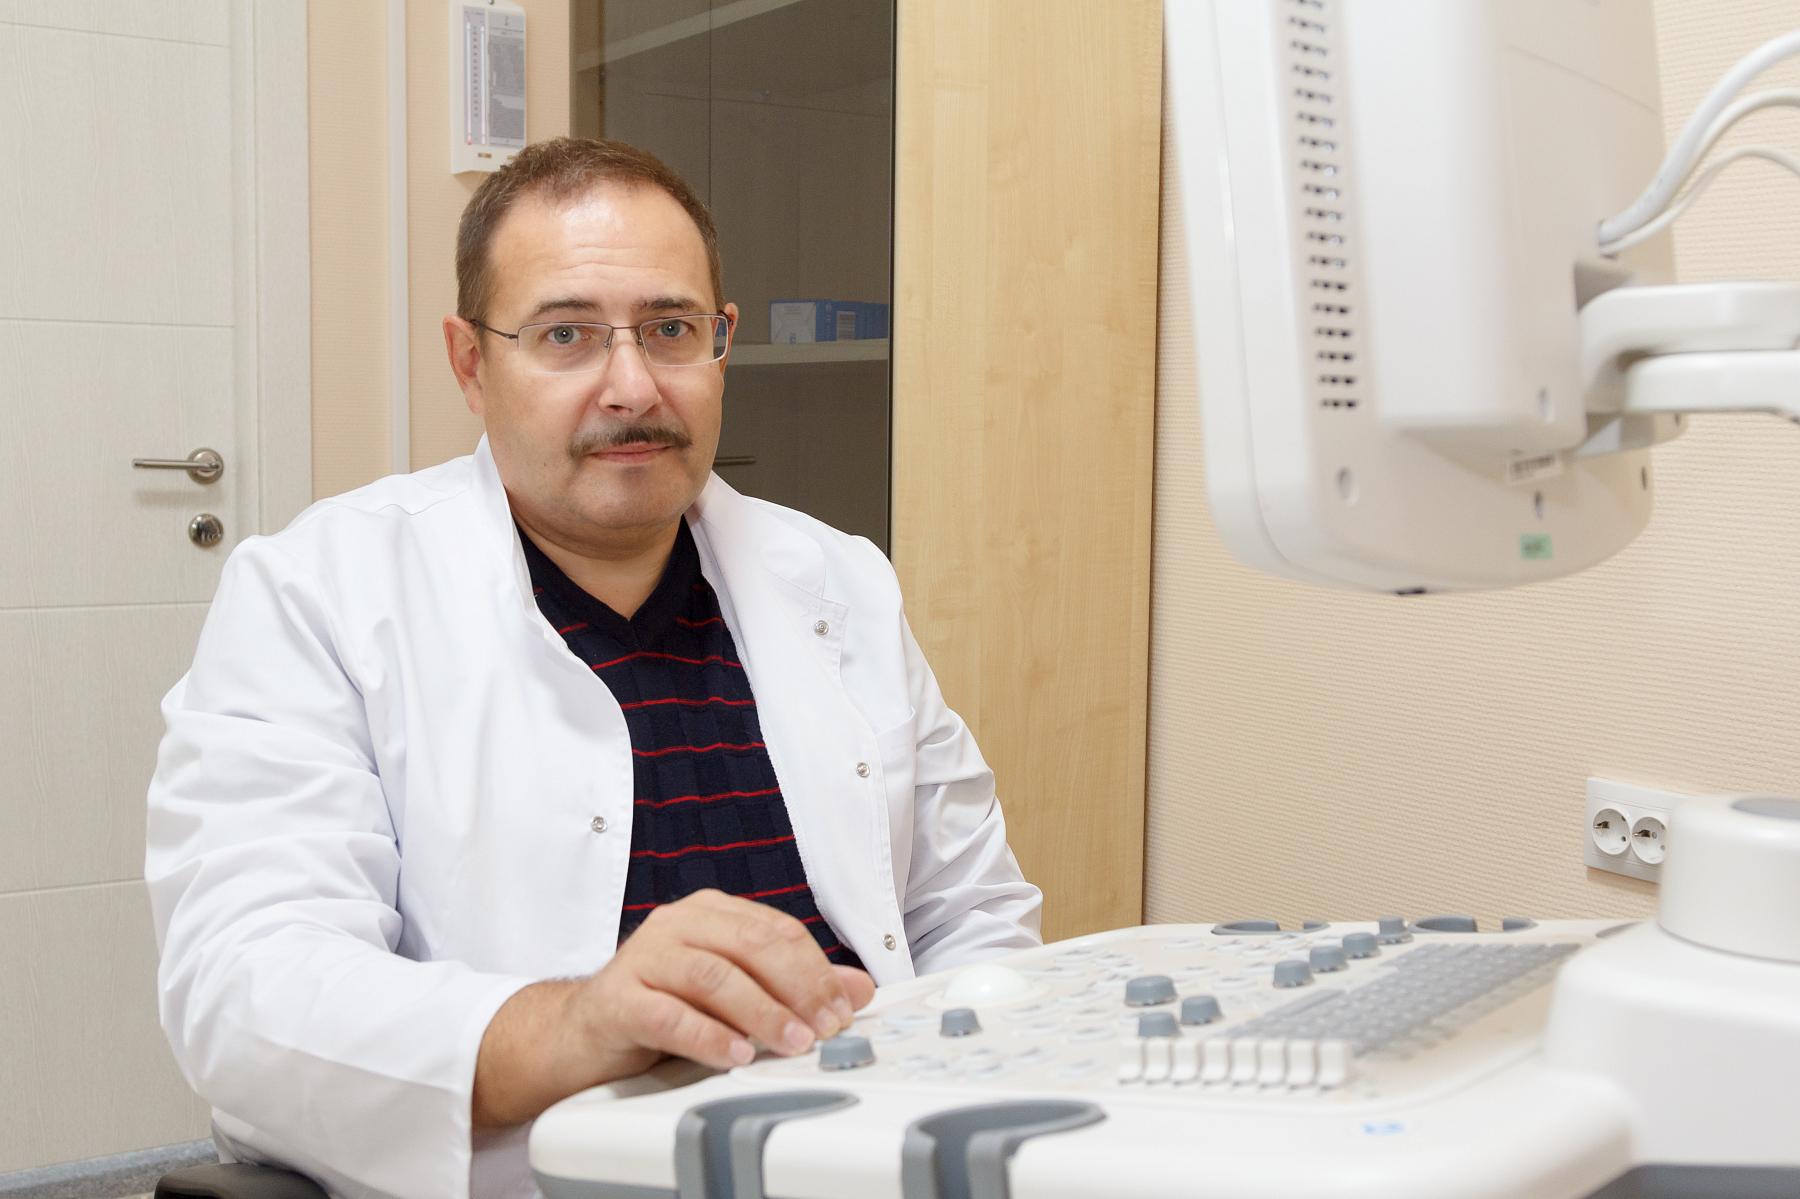 Заведующий хирургией Вышневолоцкой ЦРБ скончался в Тверской области